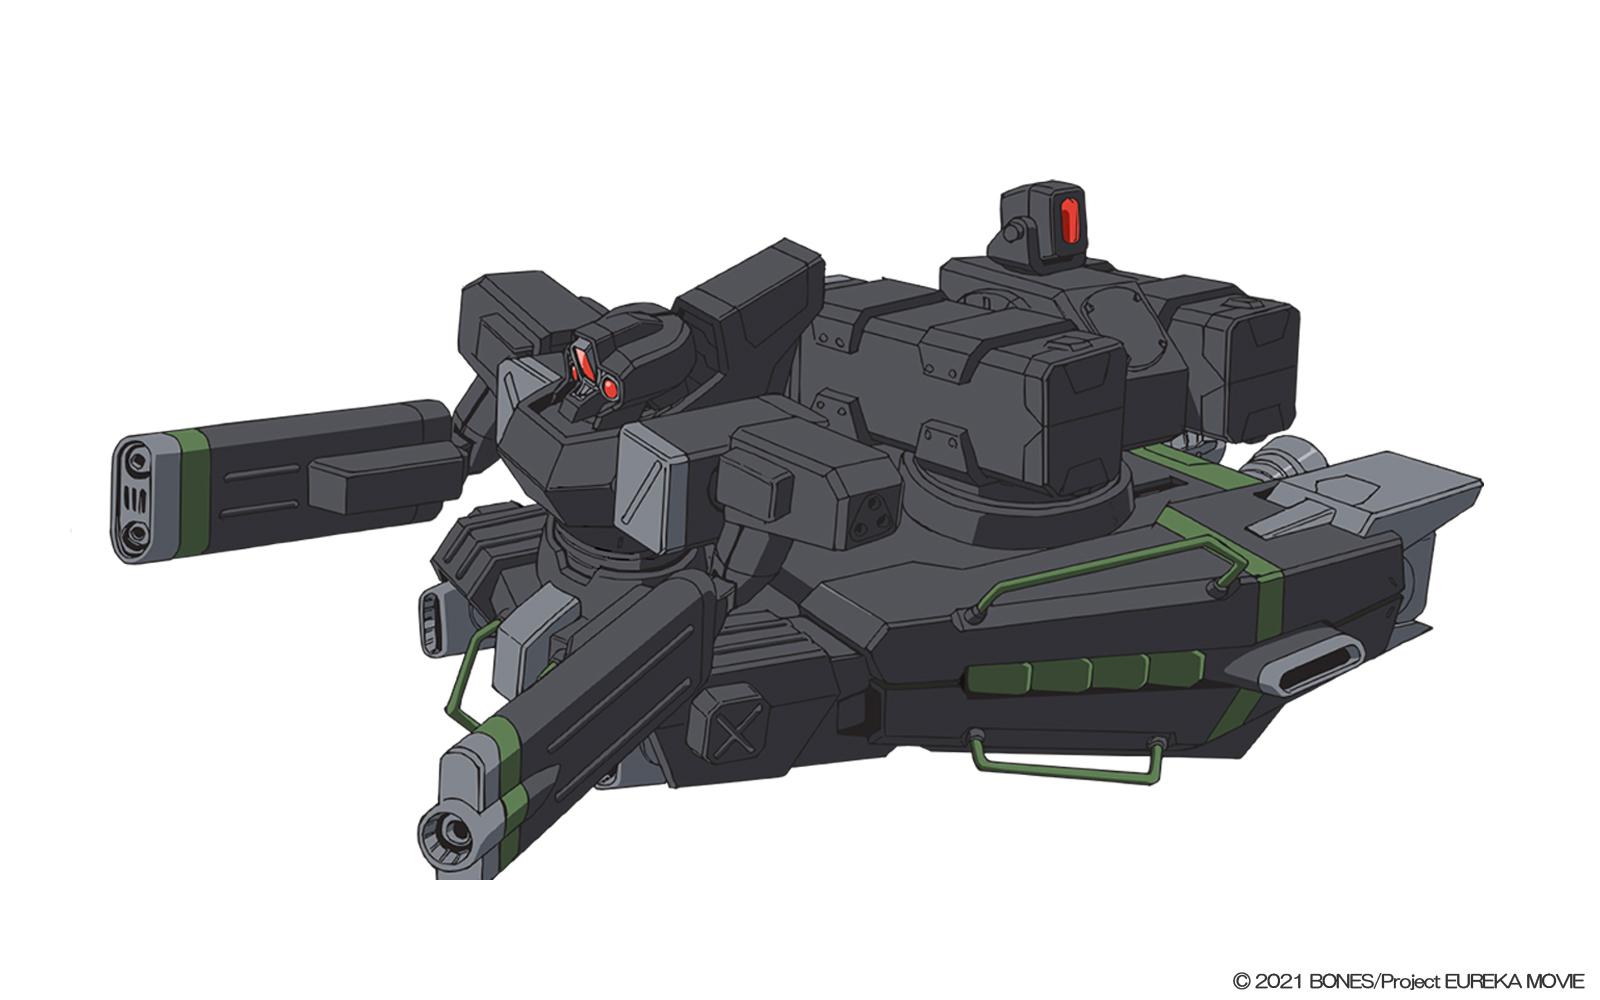 現在主力として使われているKLF。下半身がまるごとジェットエンジンになっており、空中戦に特化している。指揮官機は両腕がガンランチャーになっており、エンジン上部にはミサイルランチャーを搭載している